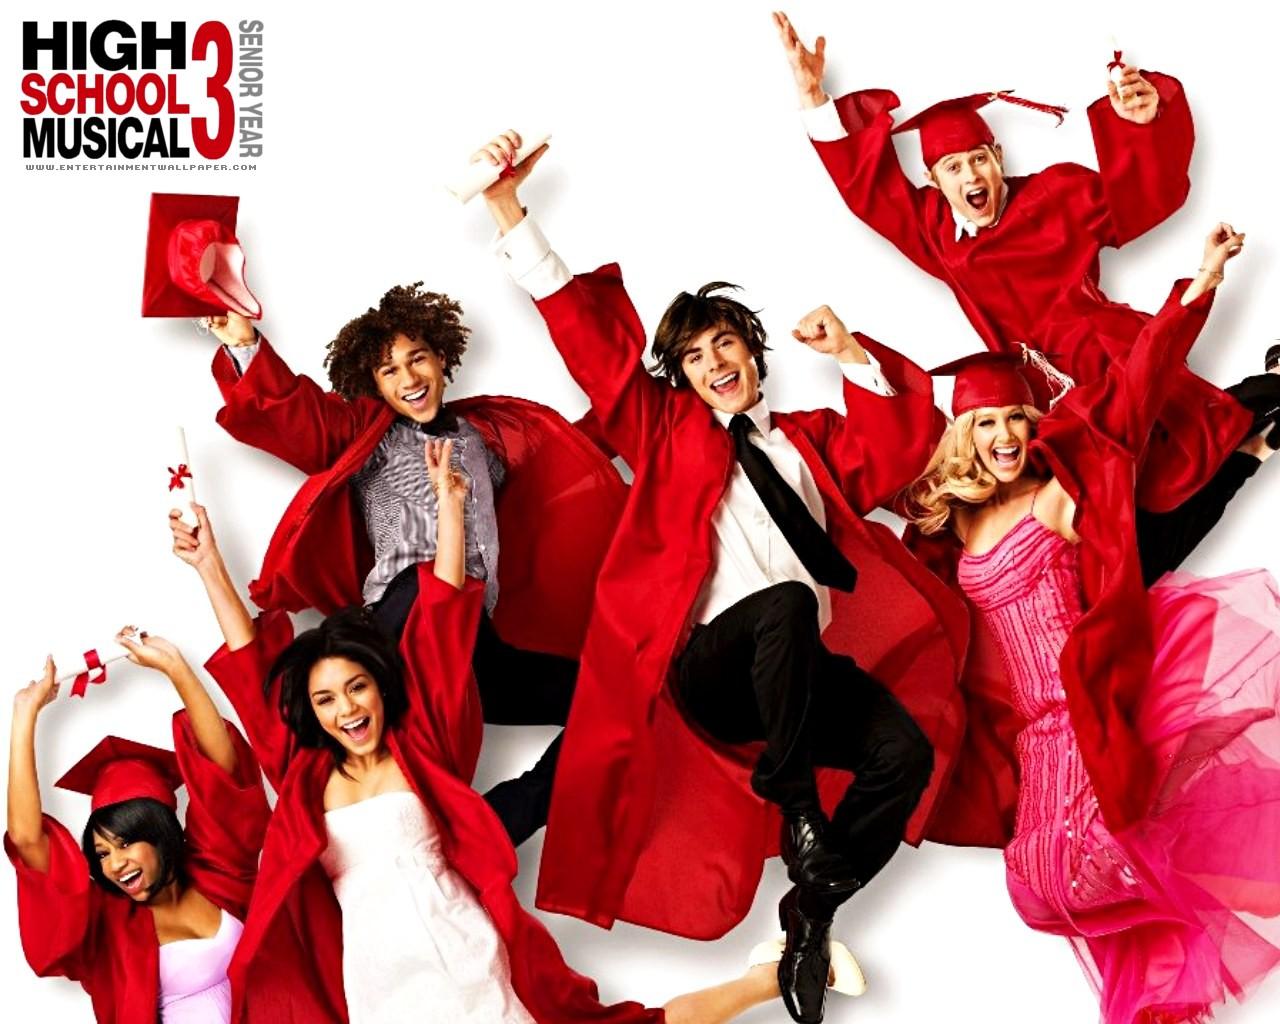 http://2.bp.blogspot.com/_8lCGG0b-mUE/S7bO7vYnpCI/AAAAAAAAAG8/9UxPyg8Qi7M/s1600/high_school_musical_3_wallpaper.jpg